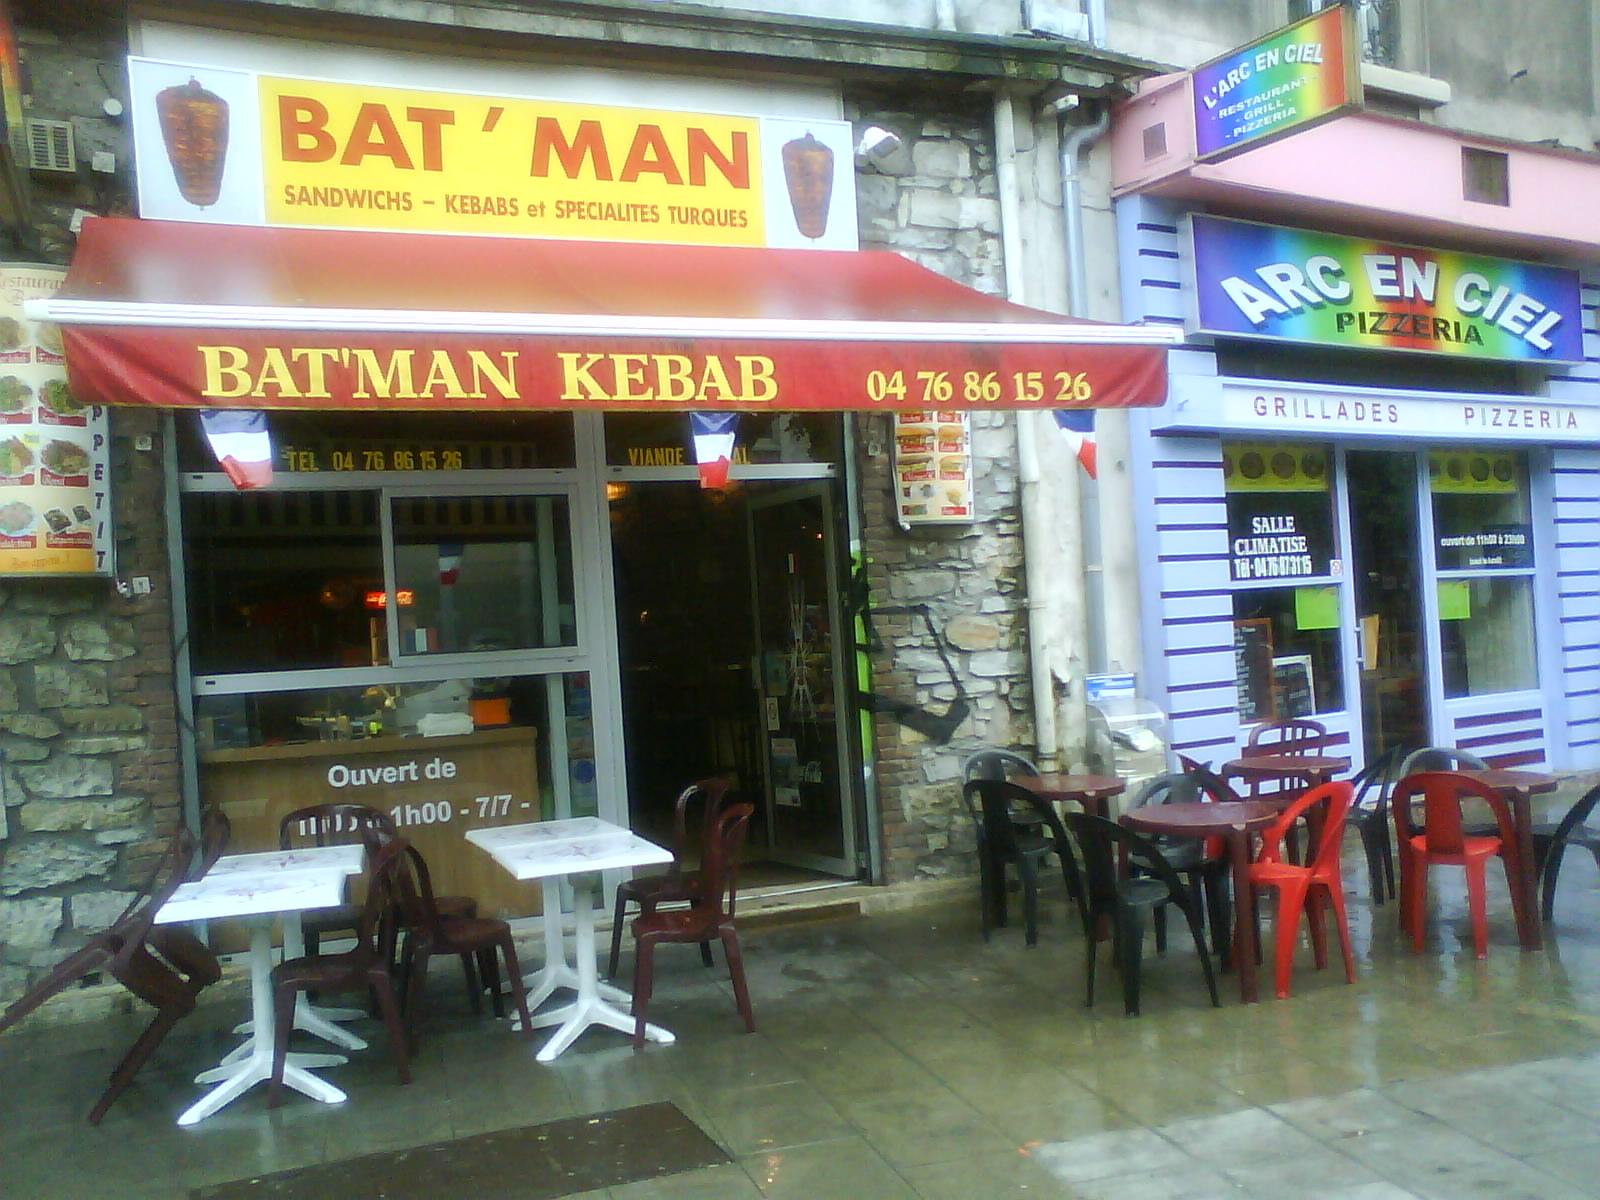 bat man kebab restaurant top. Black Bedroom Furniture Sets. Home Design Ideas